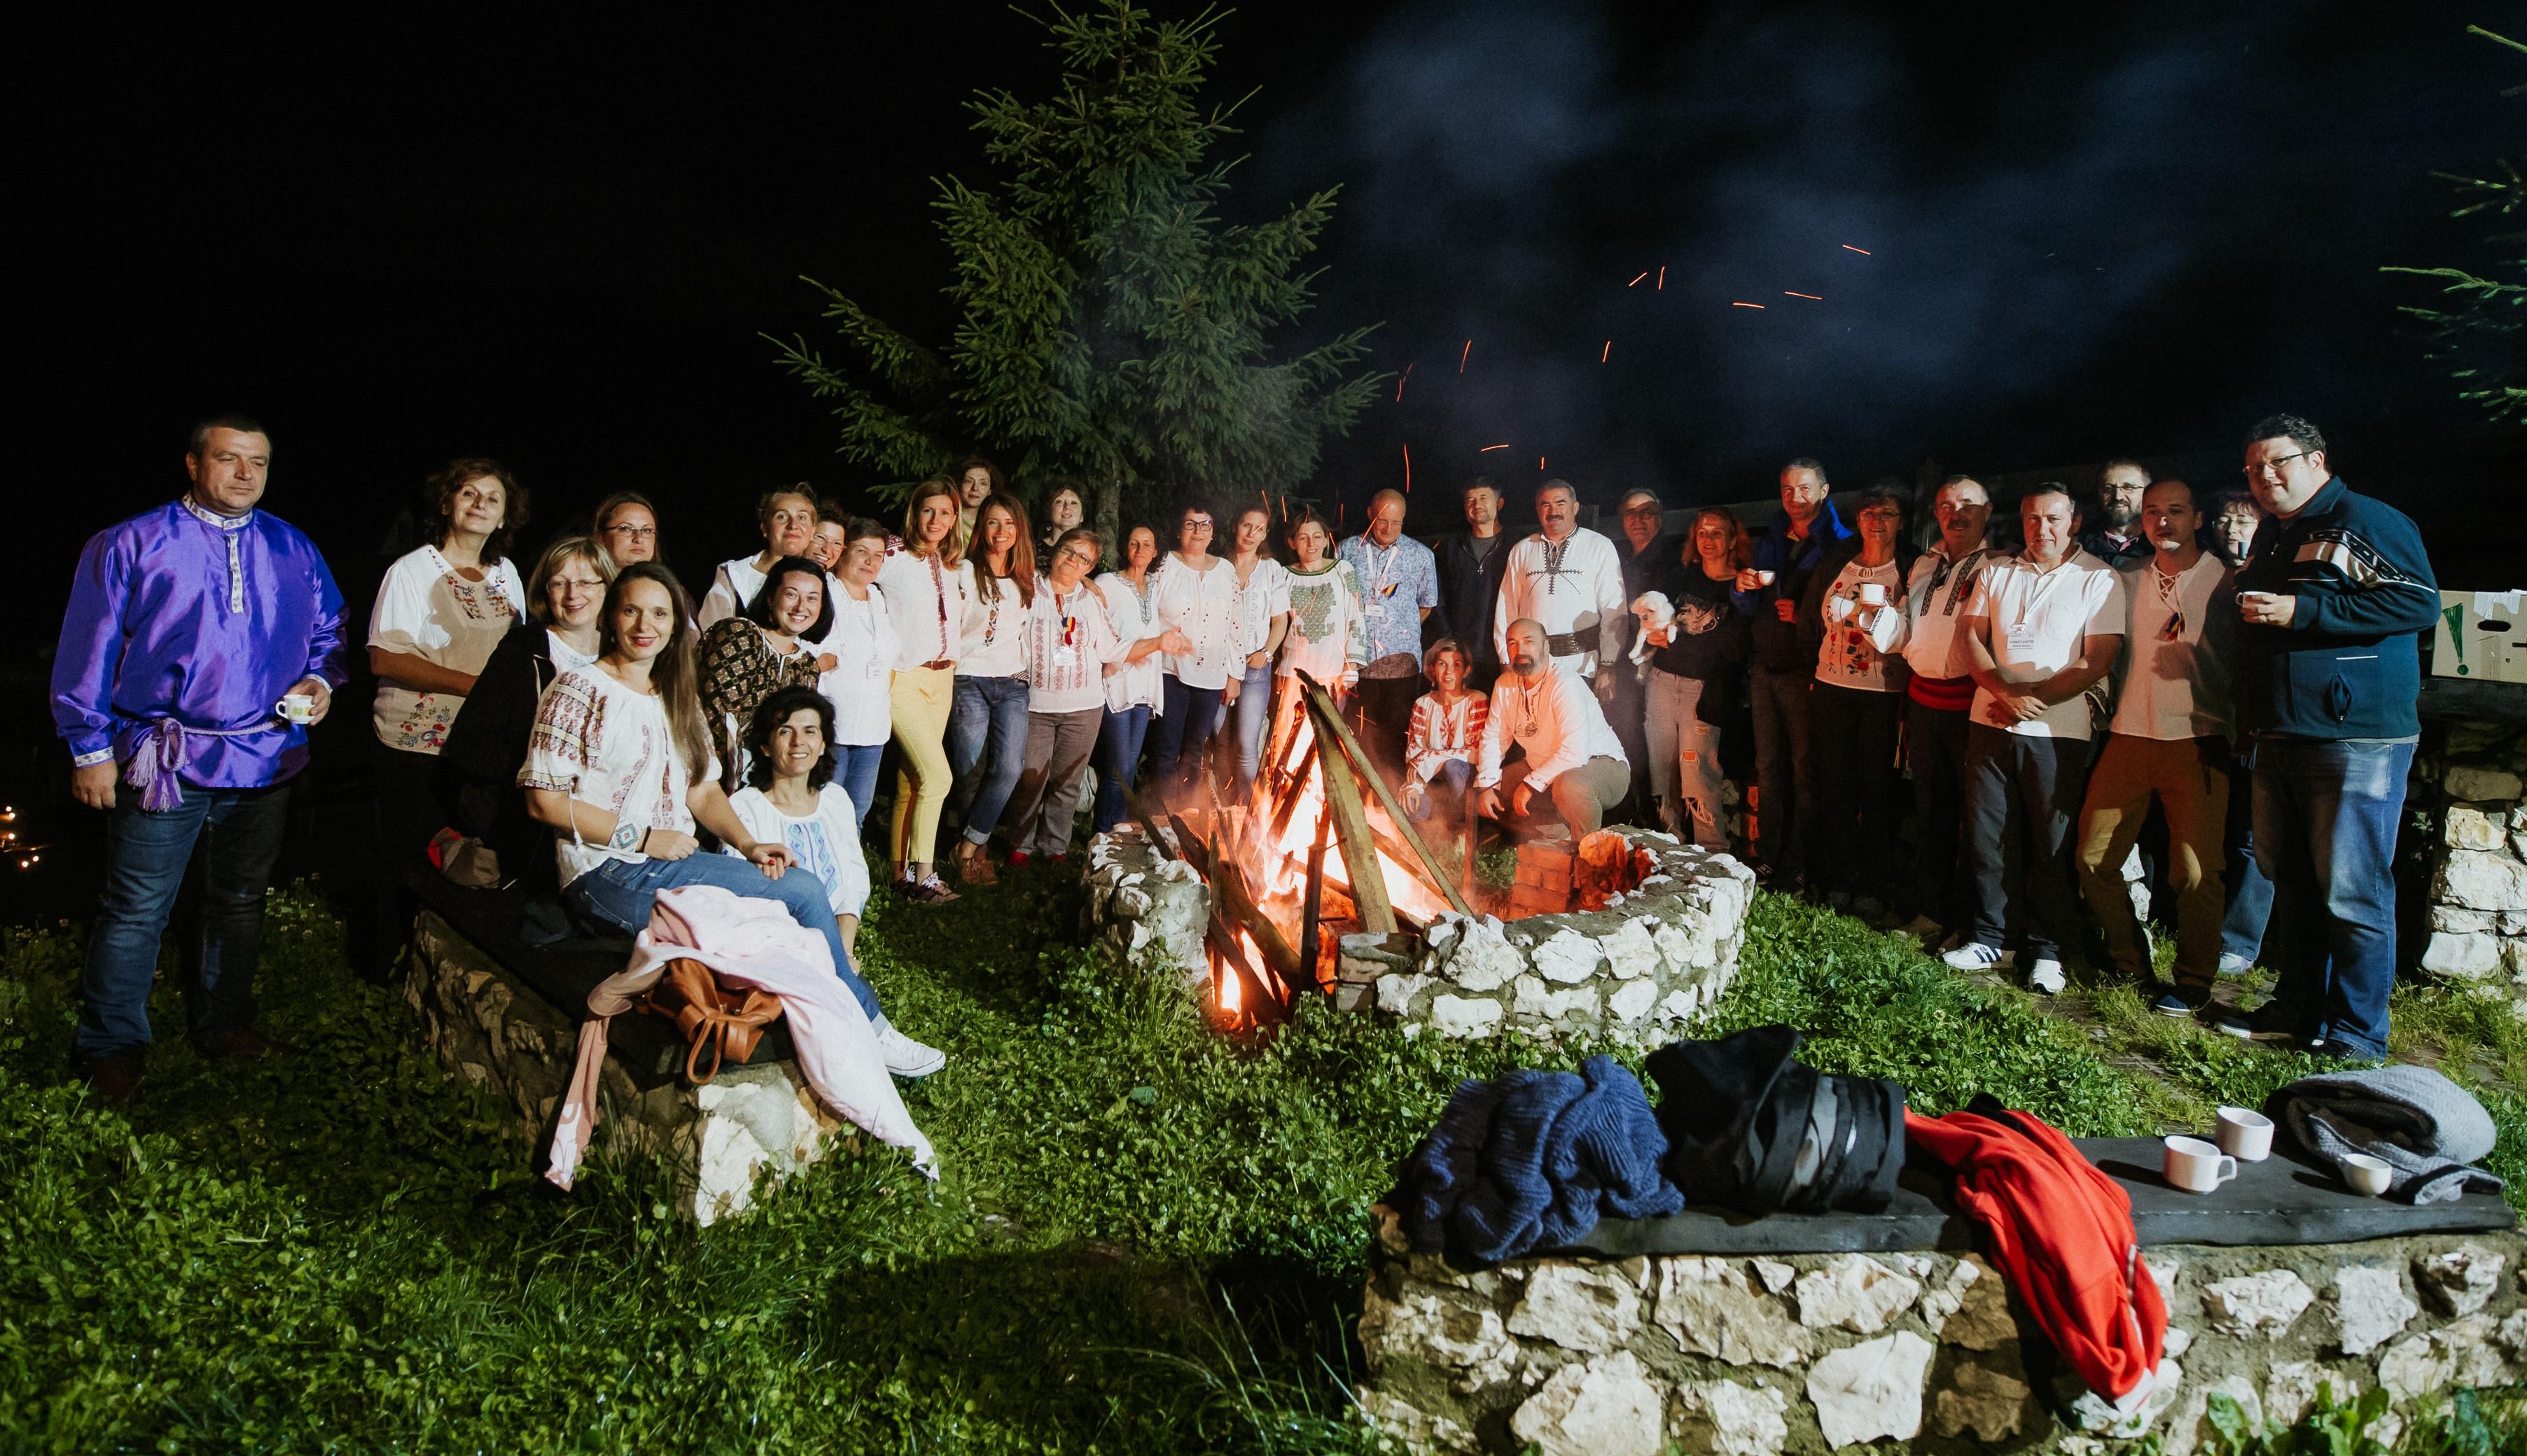 MERITO SummerCamp: Despre coagularea comunităţii de profesori şi conexiunea cu liderii de business